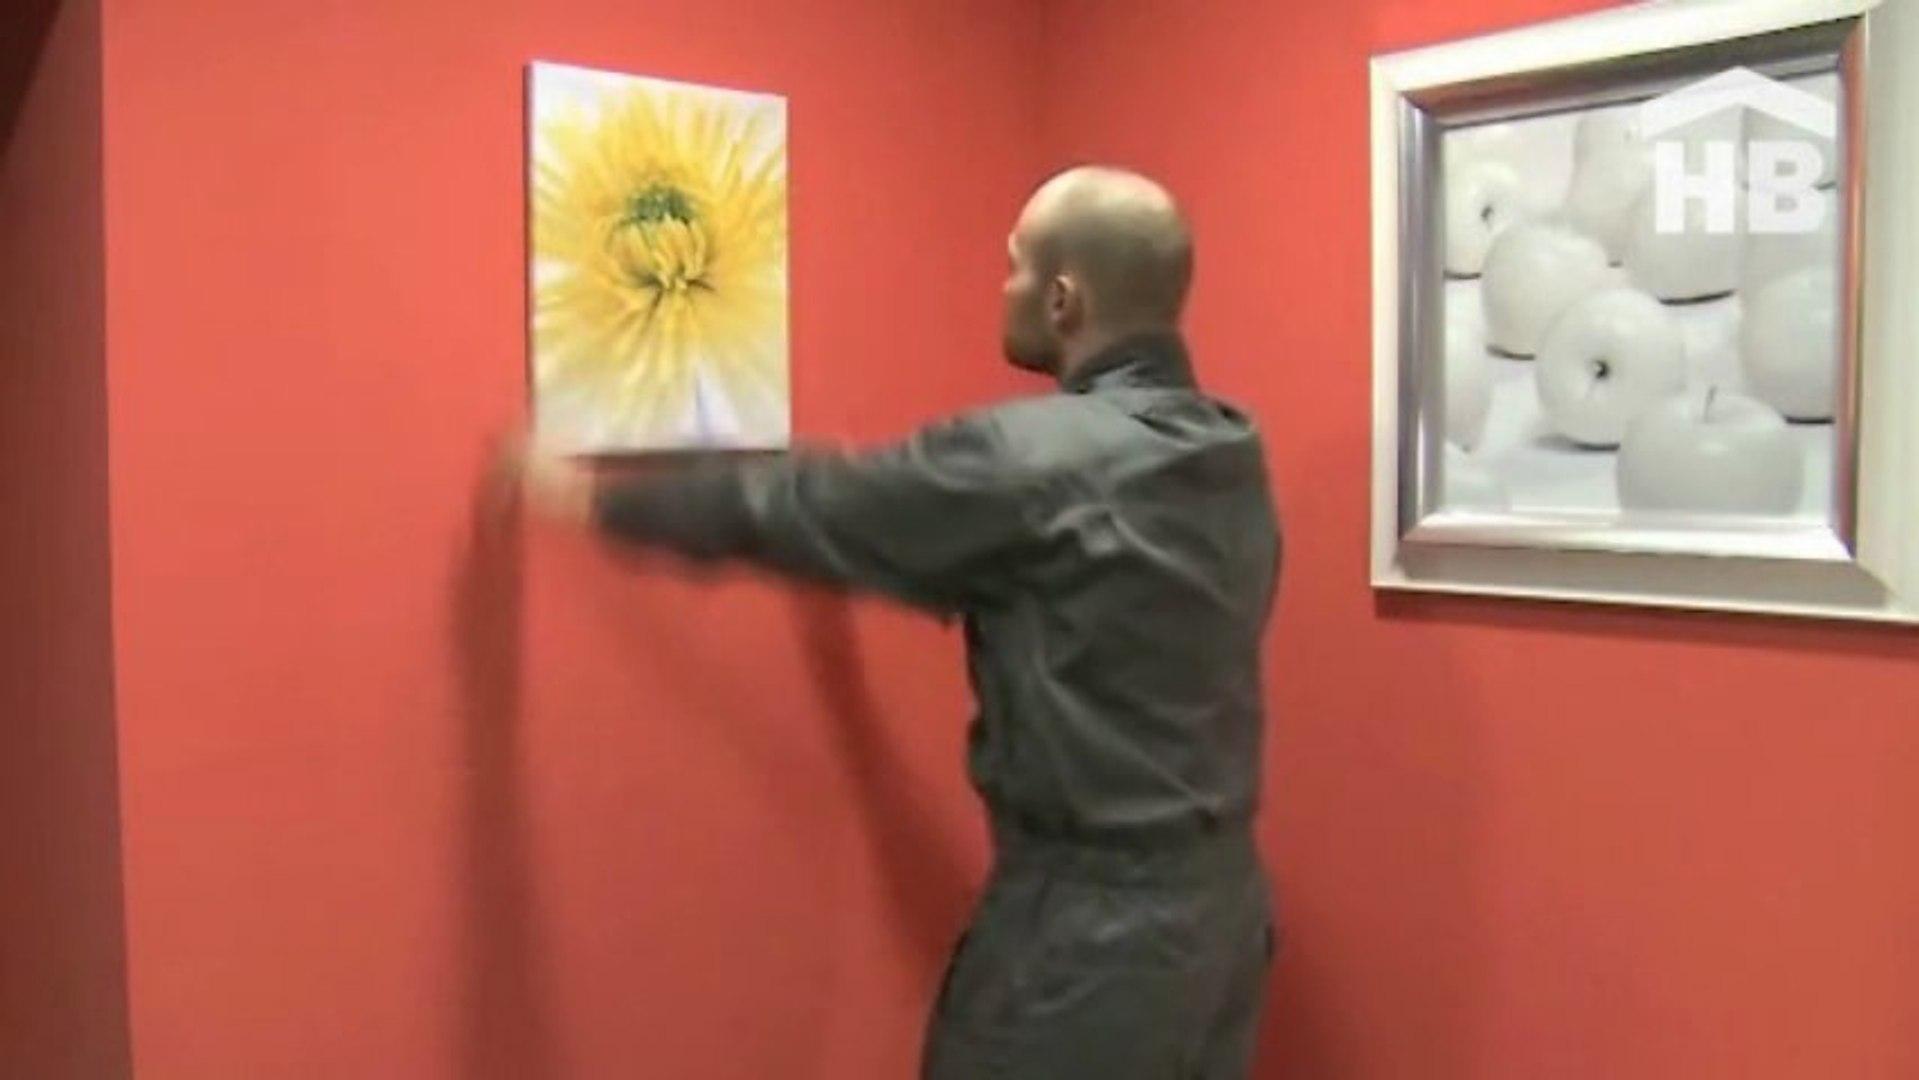 Accrocher Un Tableau Lourd Au Mur comment fixer des objets au mur sans percer ?